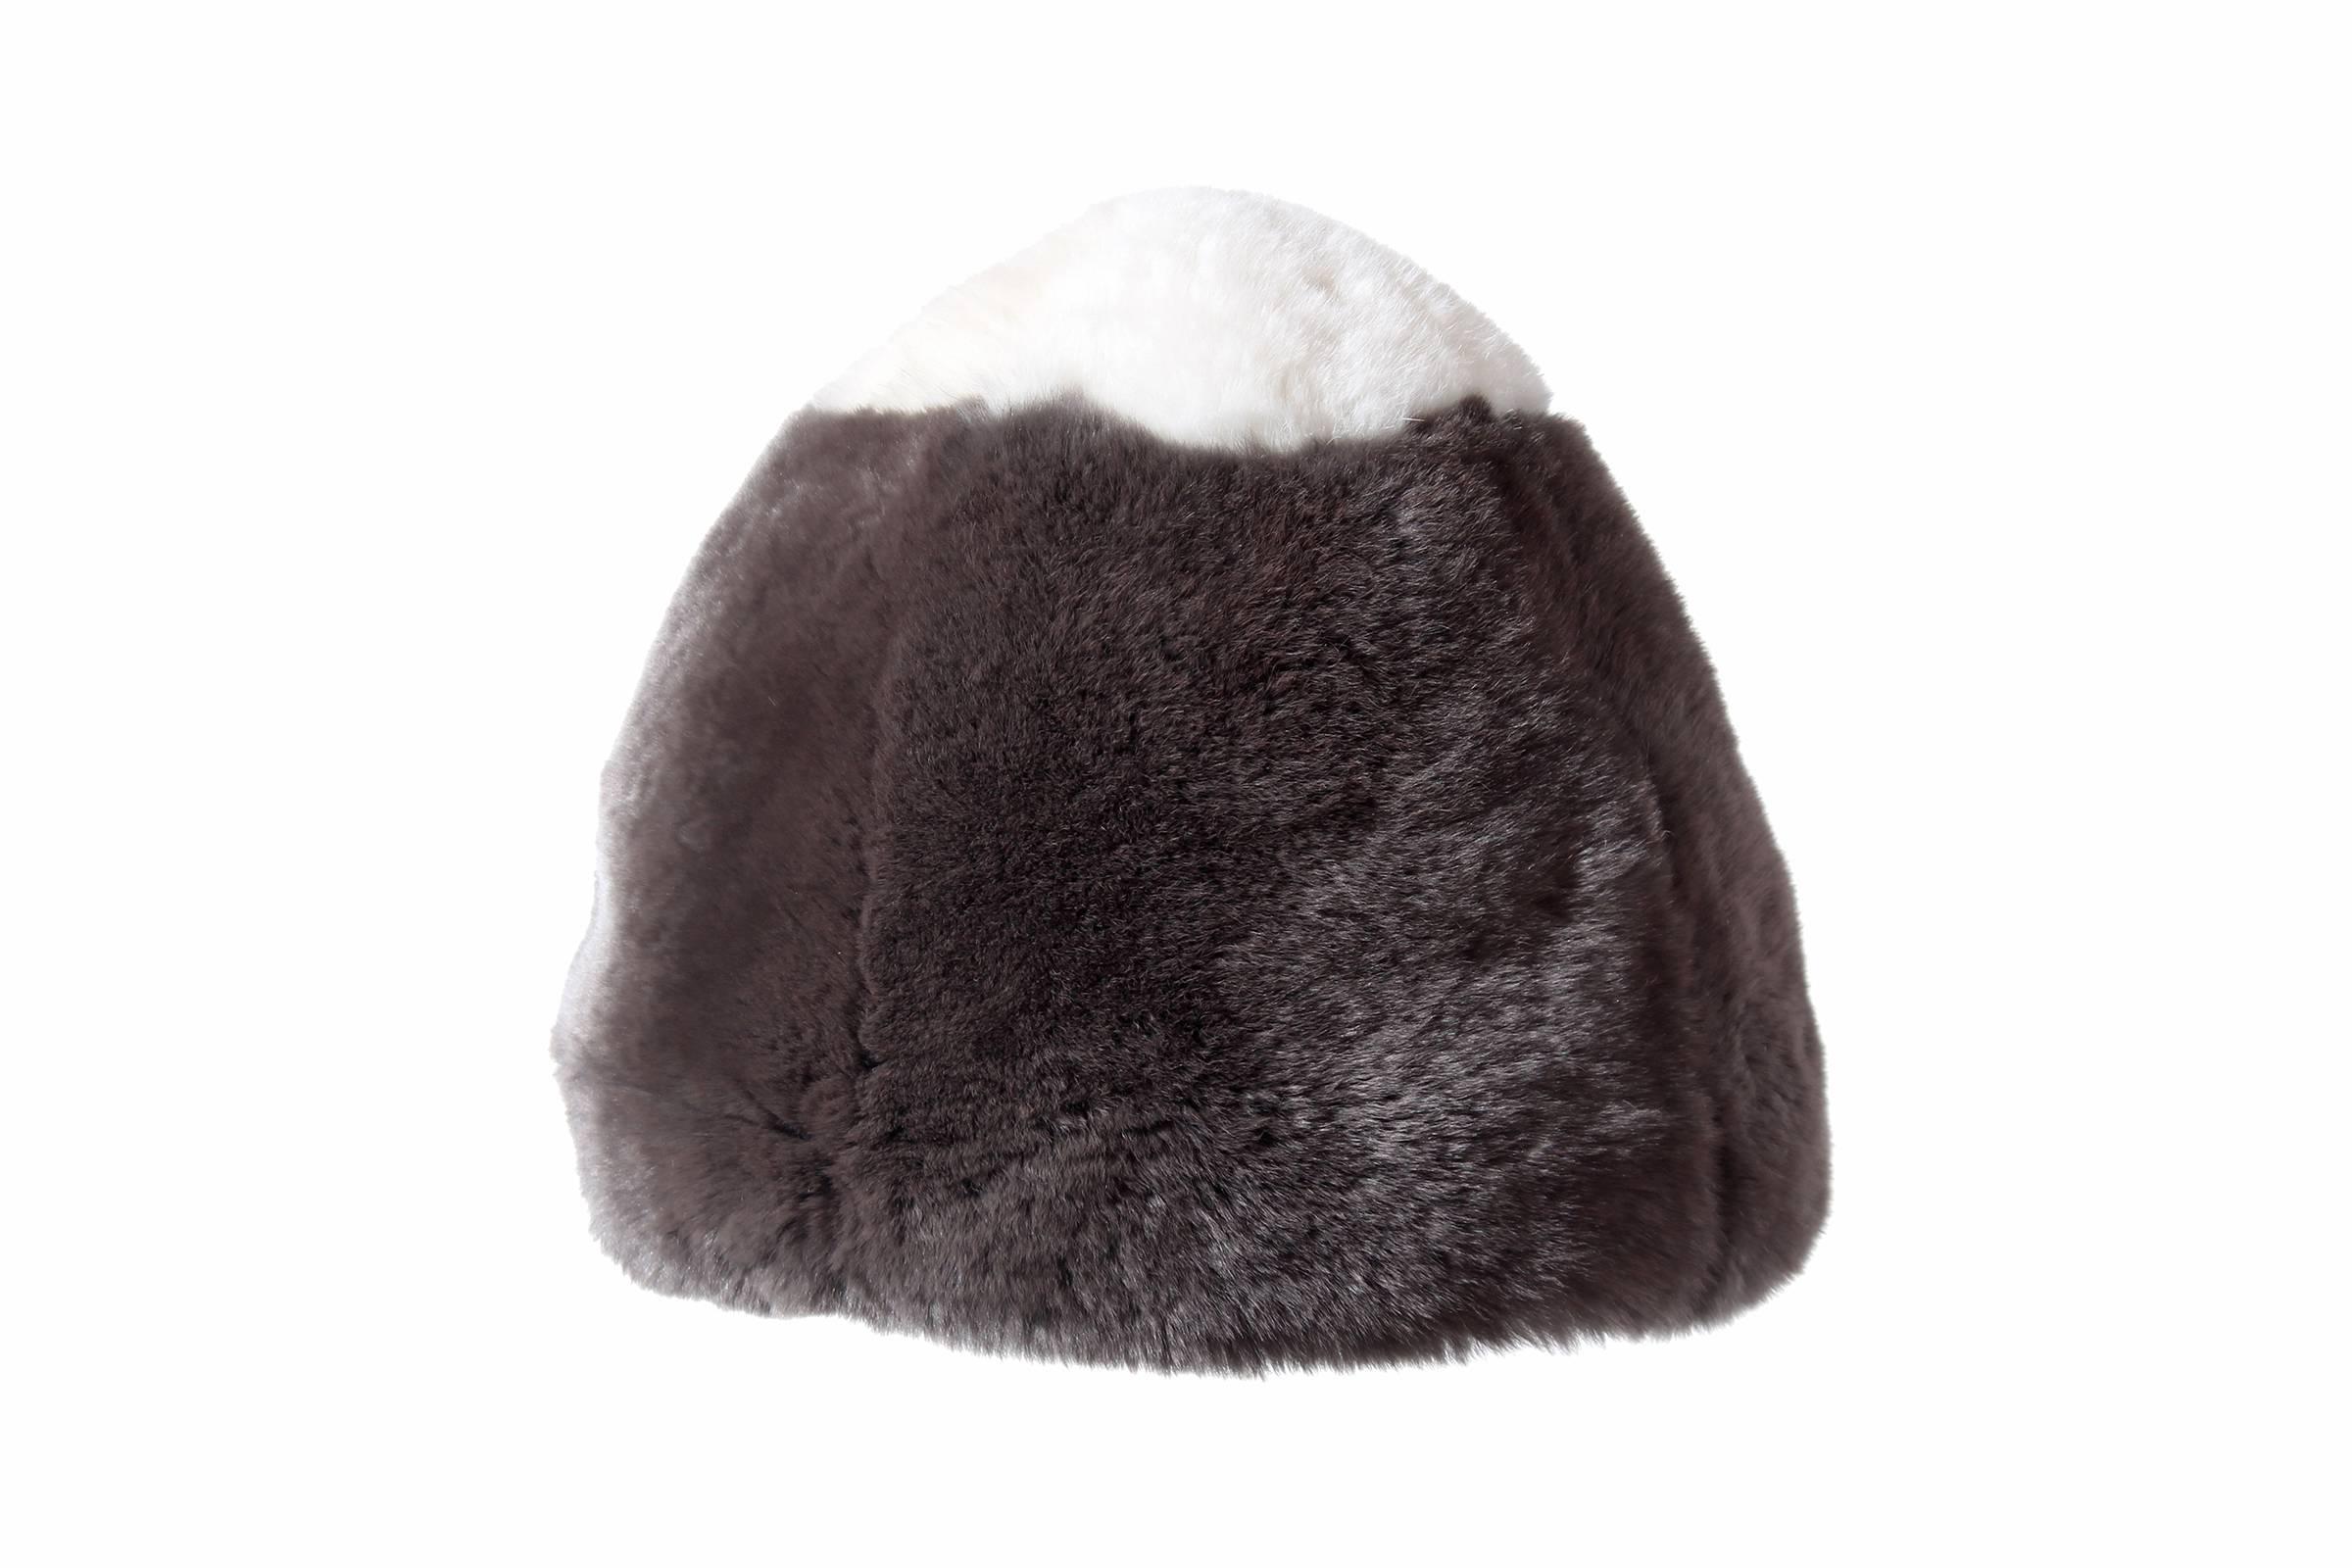 bonnet EGON rex rabbit / rex rabbit